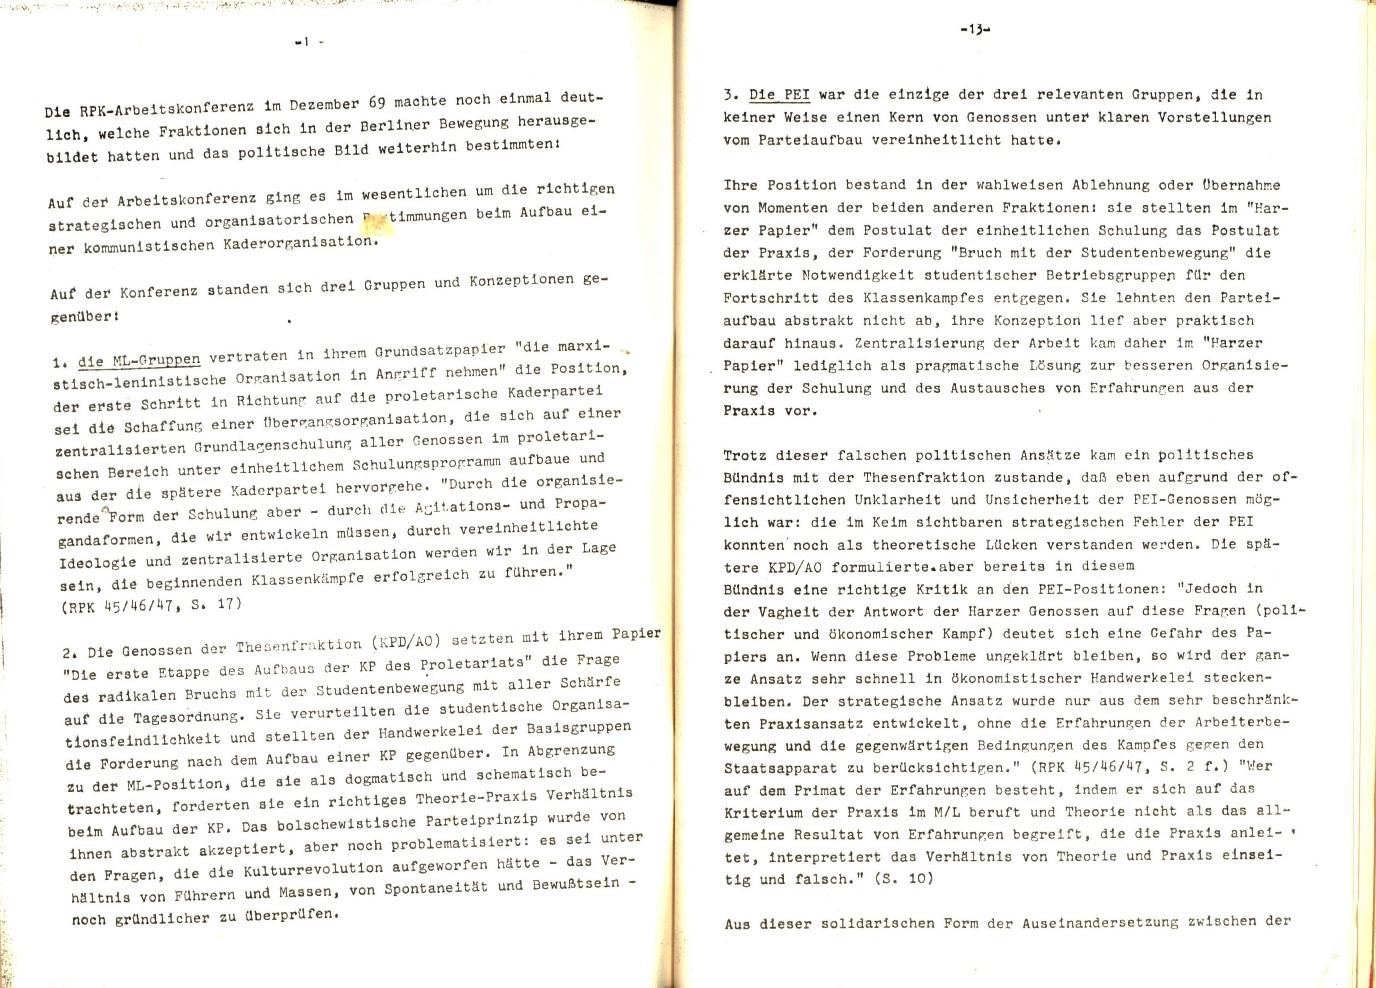 PLPI_1971_Aufloesung_09